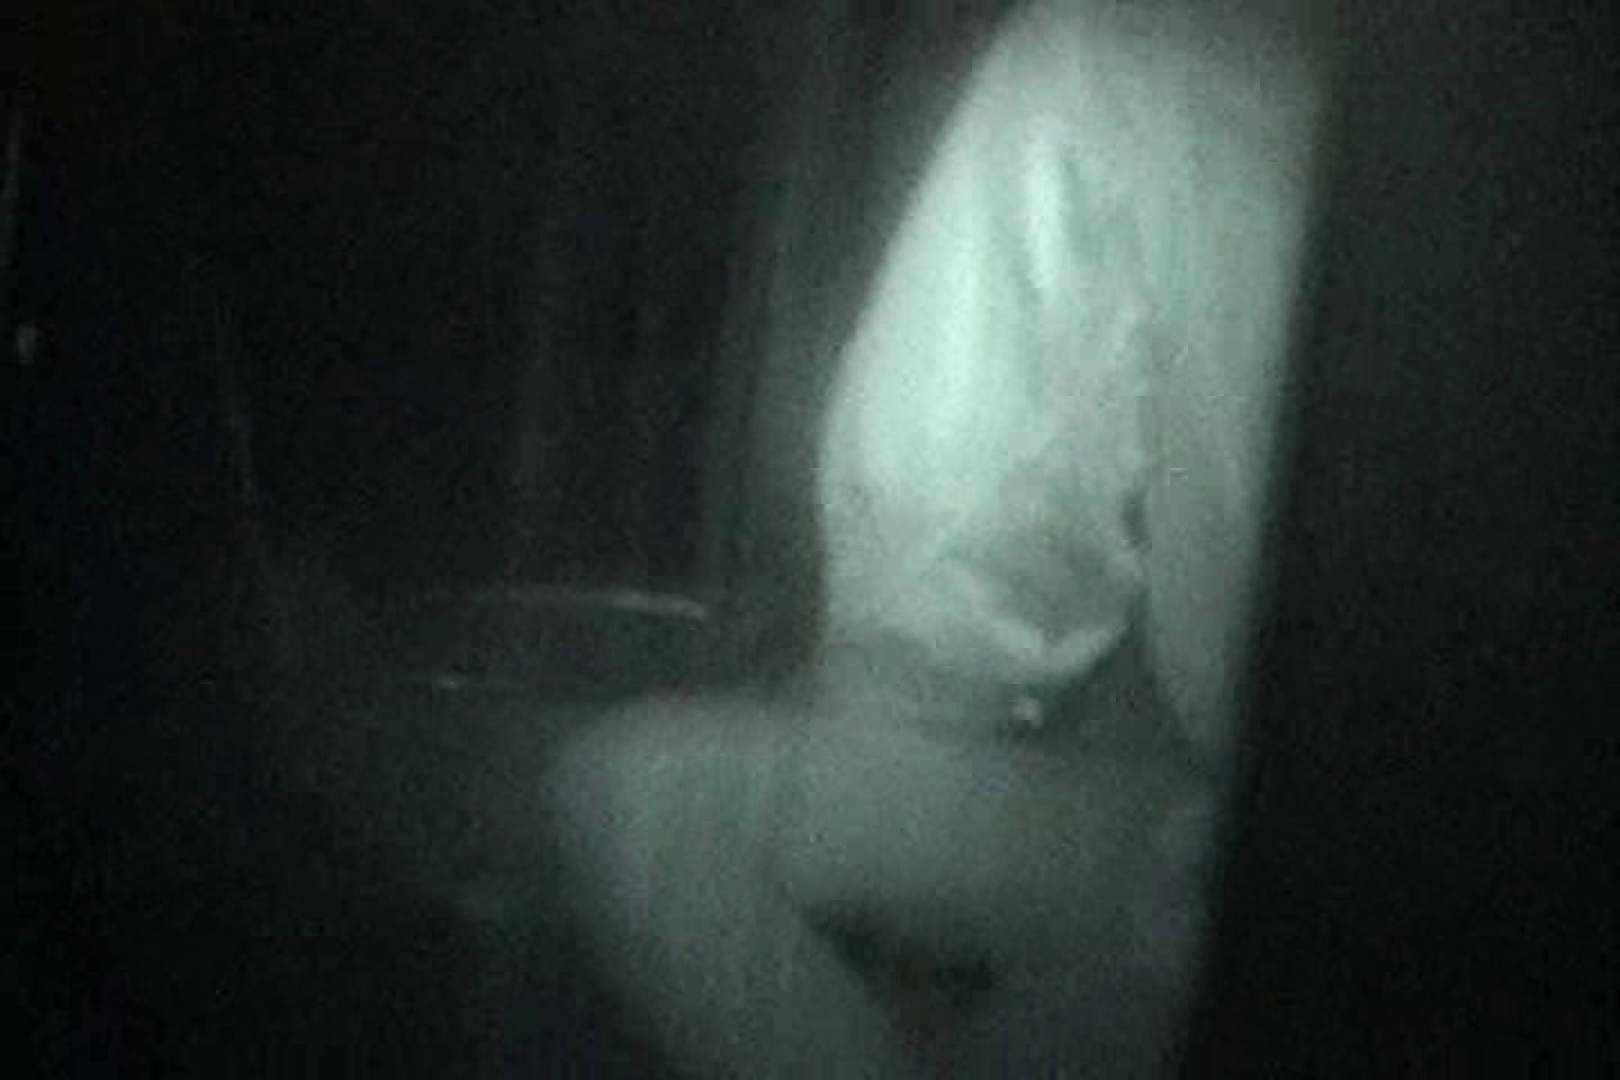 充血監督の深夜の運動会Vol.15 美しいOLの裸体  98pic 64